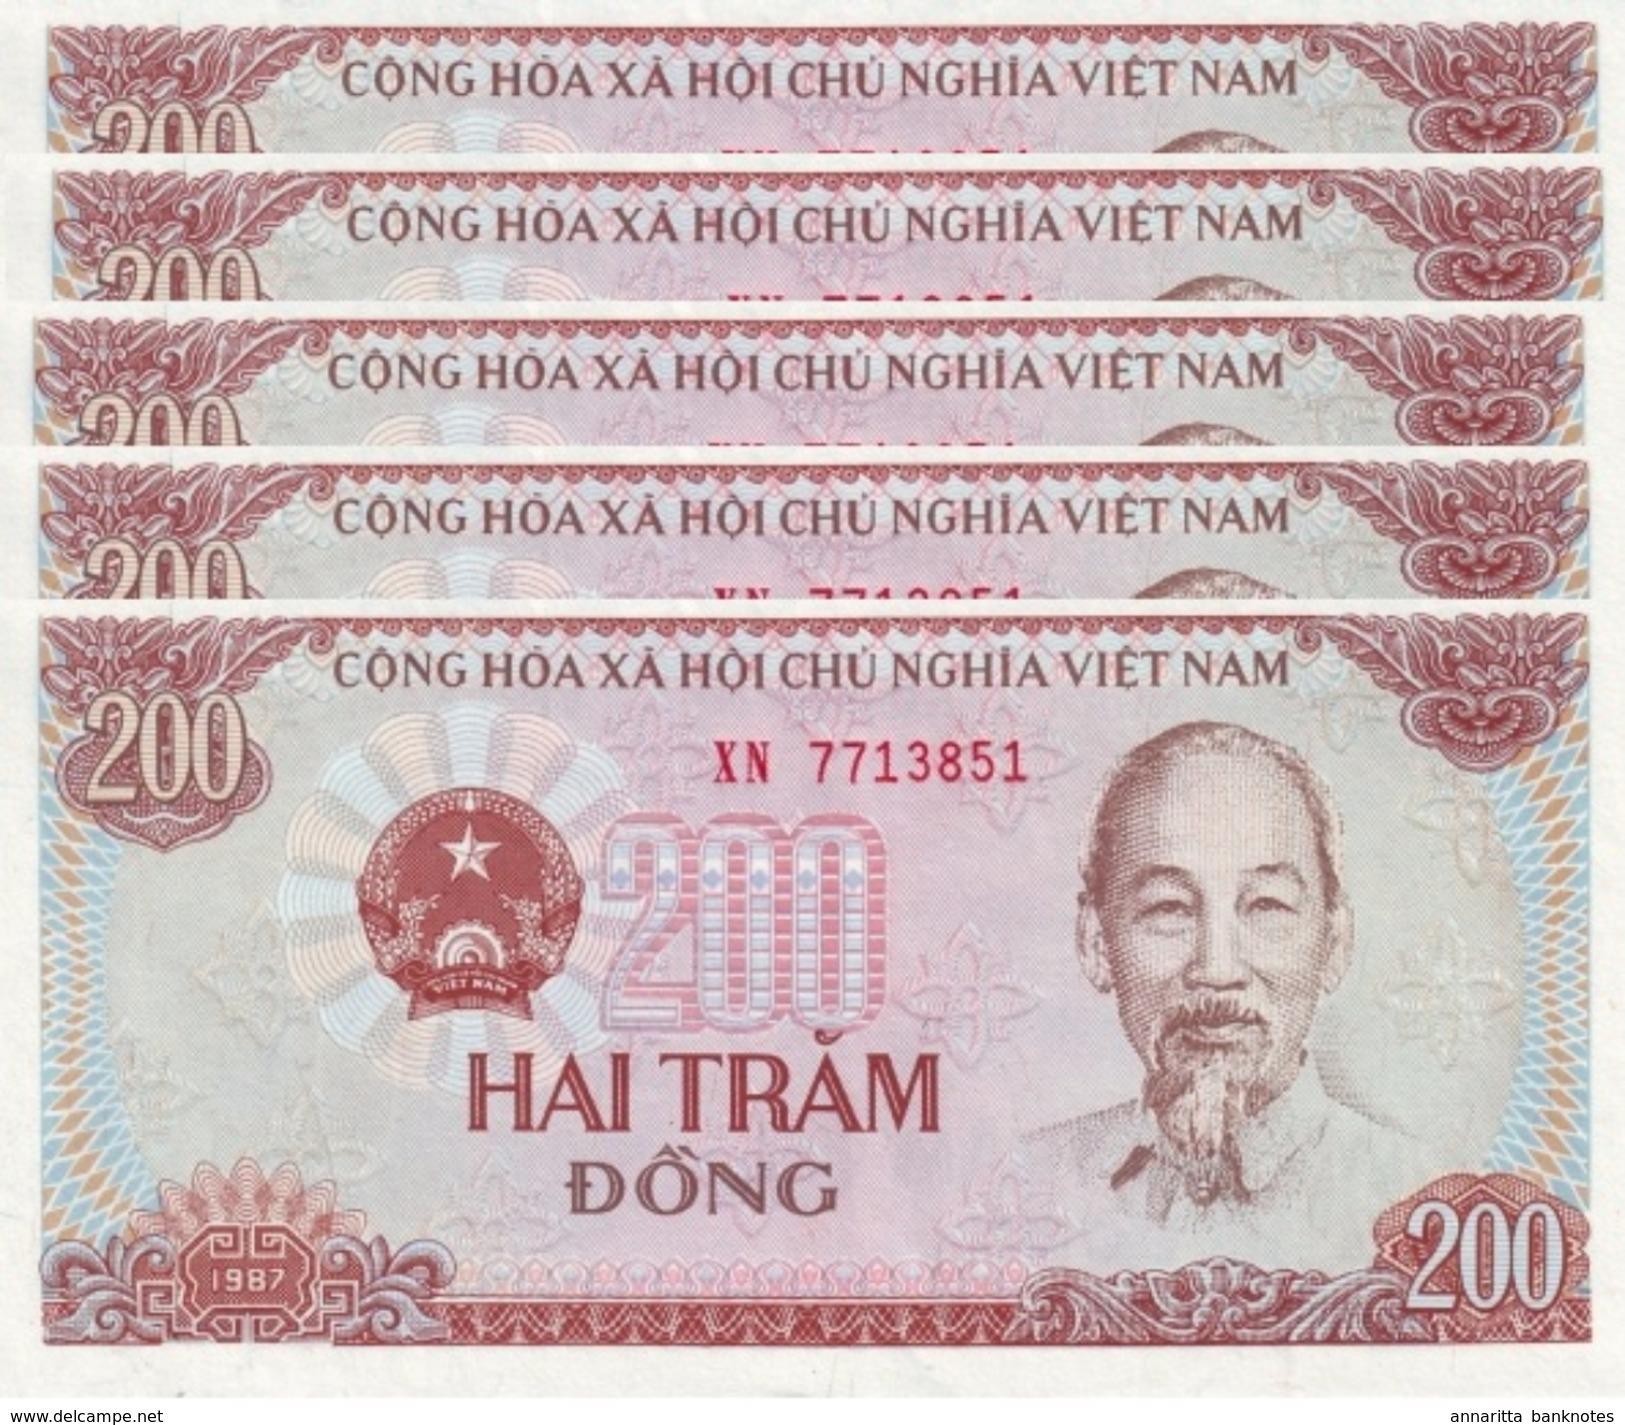 VIETNAM 200 DONG 1987 P-100a UNC SMALL SERIAL S/N 5 PCS [VN328a] - Vietnam